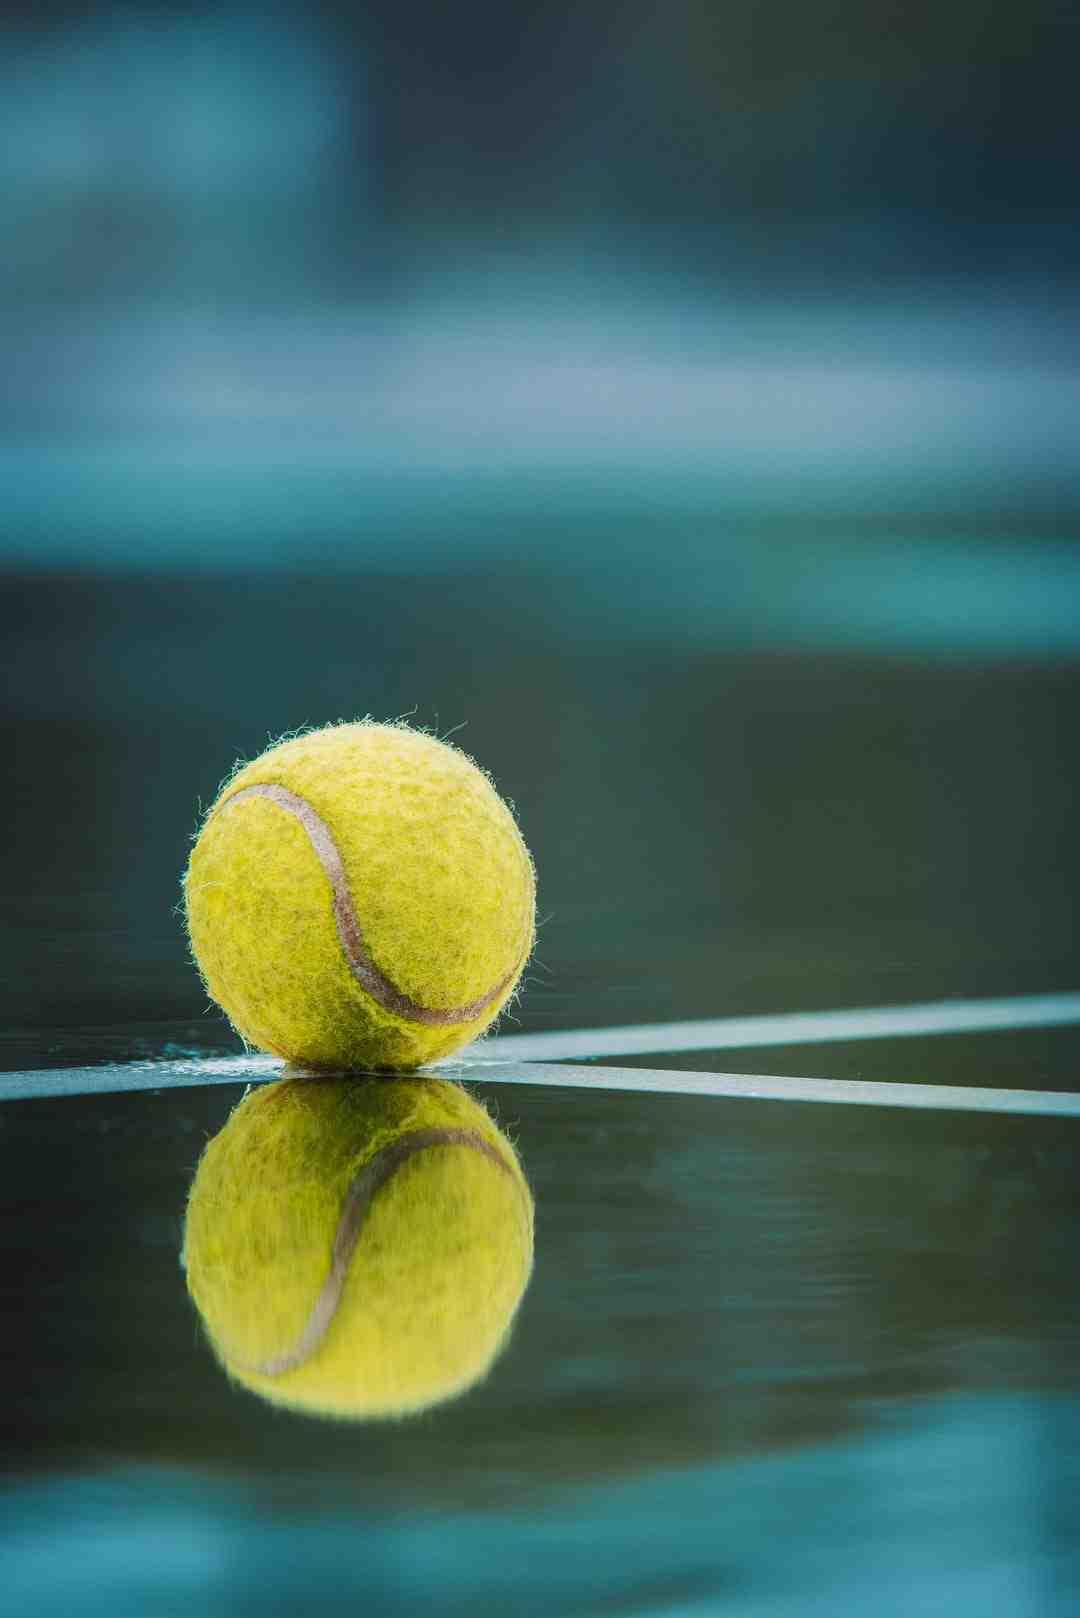 Echange une semaine contre du public. C'est l'annonce faite jeudi par la Fédération française (FFT) qui, après concertation avec les autorités françaises et tennistiques, a repoussé Roland-Garros d'une semaine en espérant augmenter sa jauge de spectateurs.